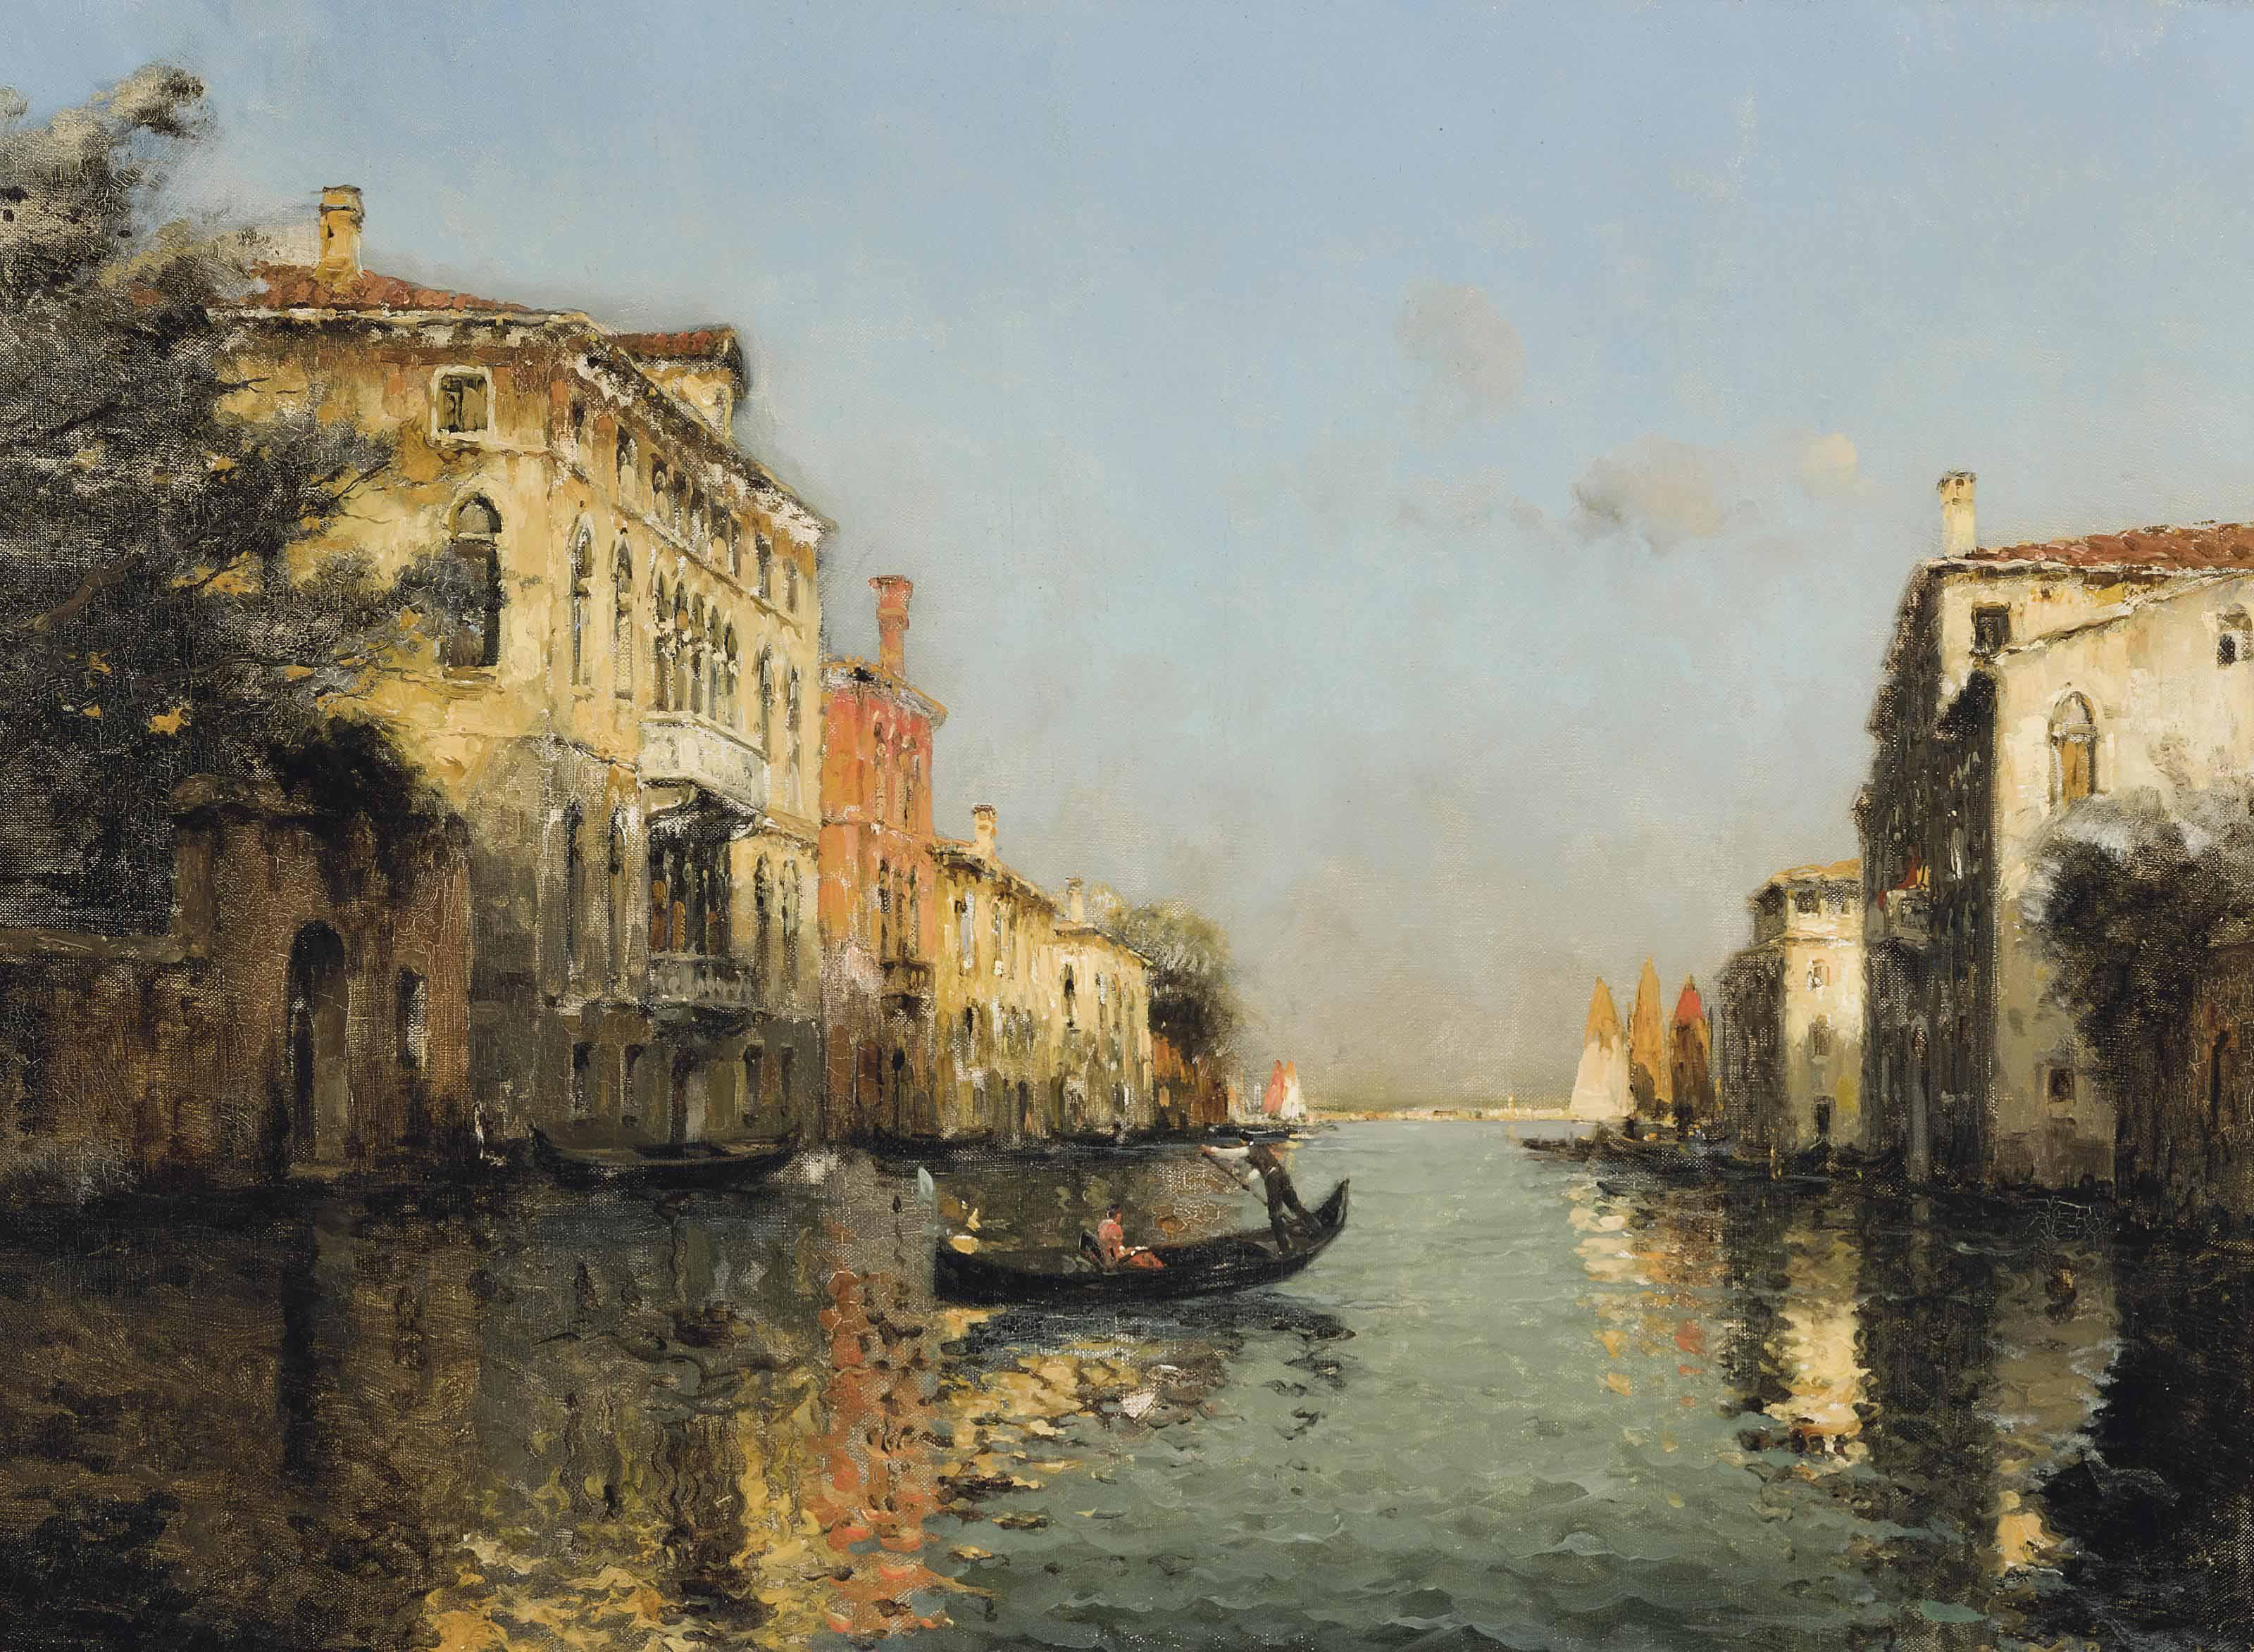 A gondolier on a Venetian backwater